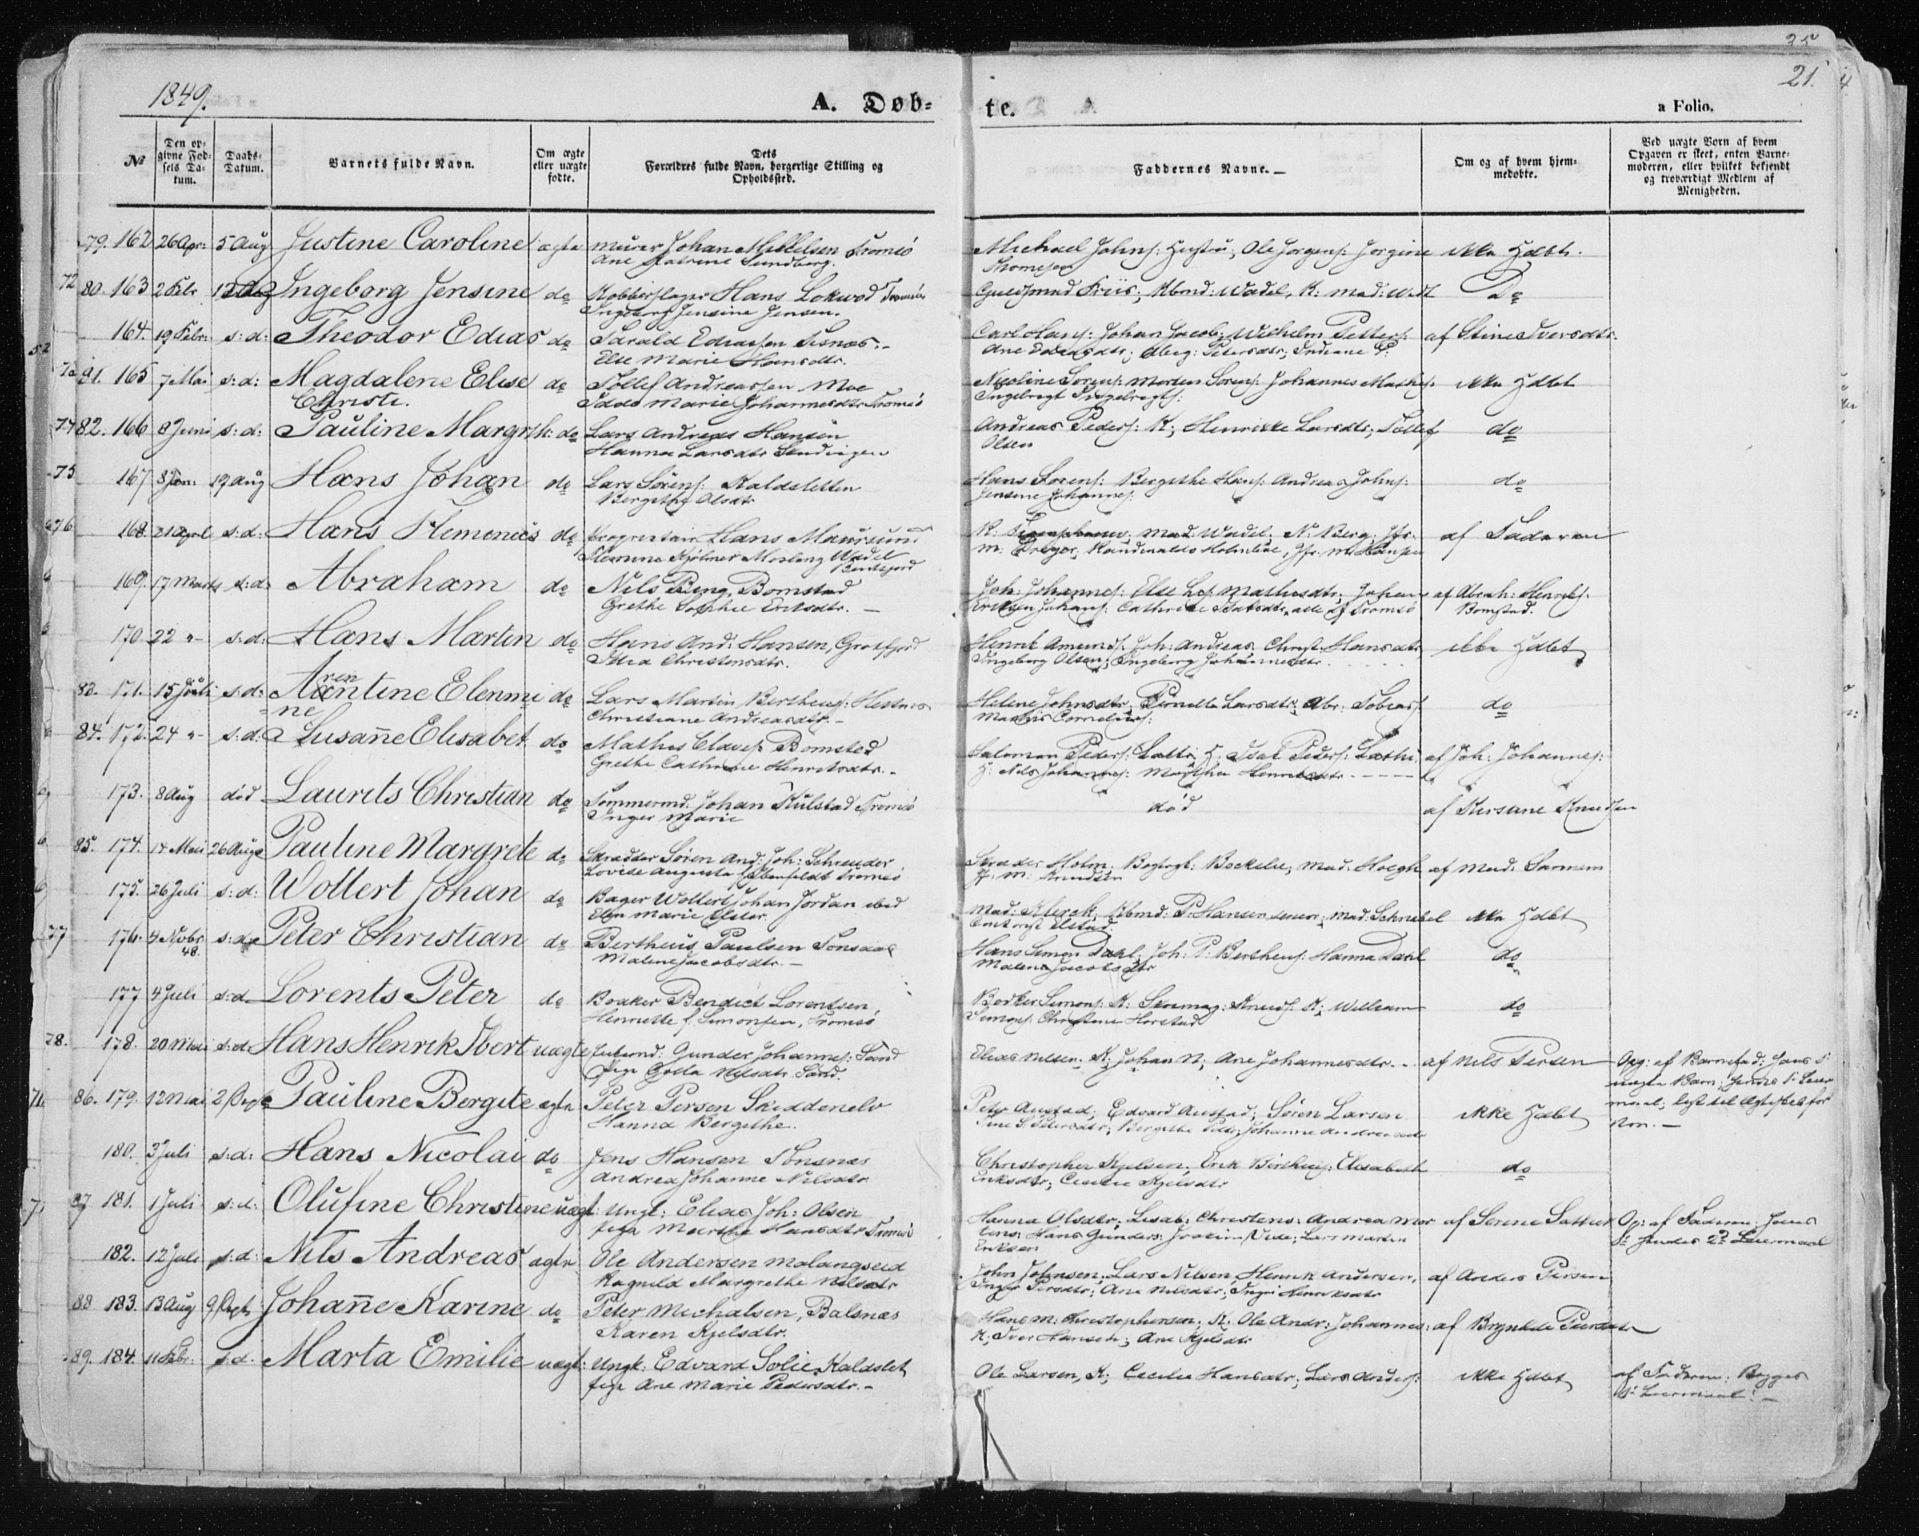 SATØ, Tromsø sokneprestkontor/stiftsprosti/domprosti, G/Ga/L0010kirke: Ministerialbok nr. 10, 1848-1855, s. 21